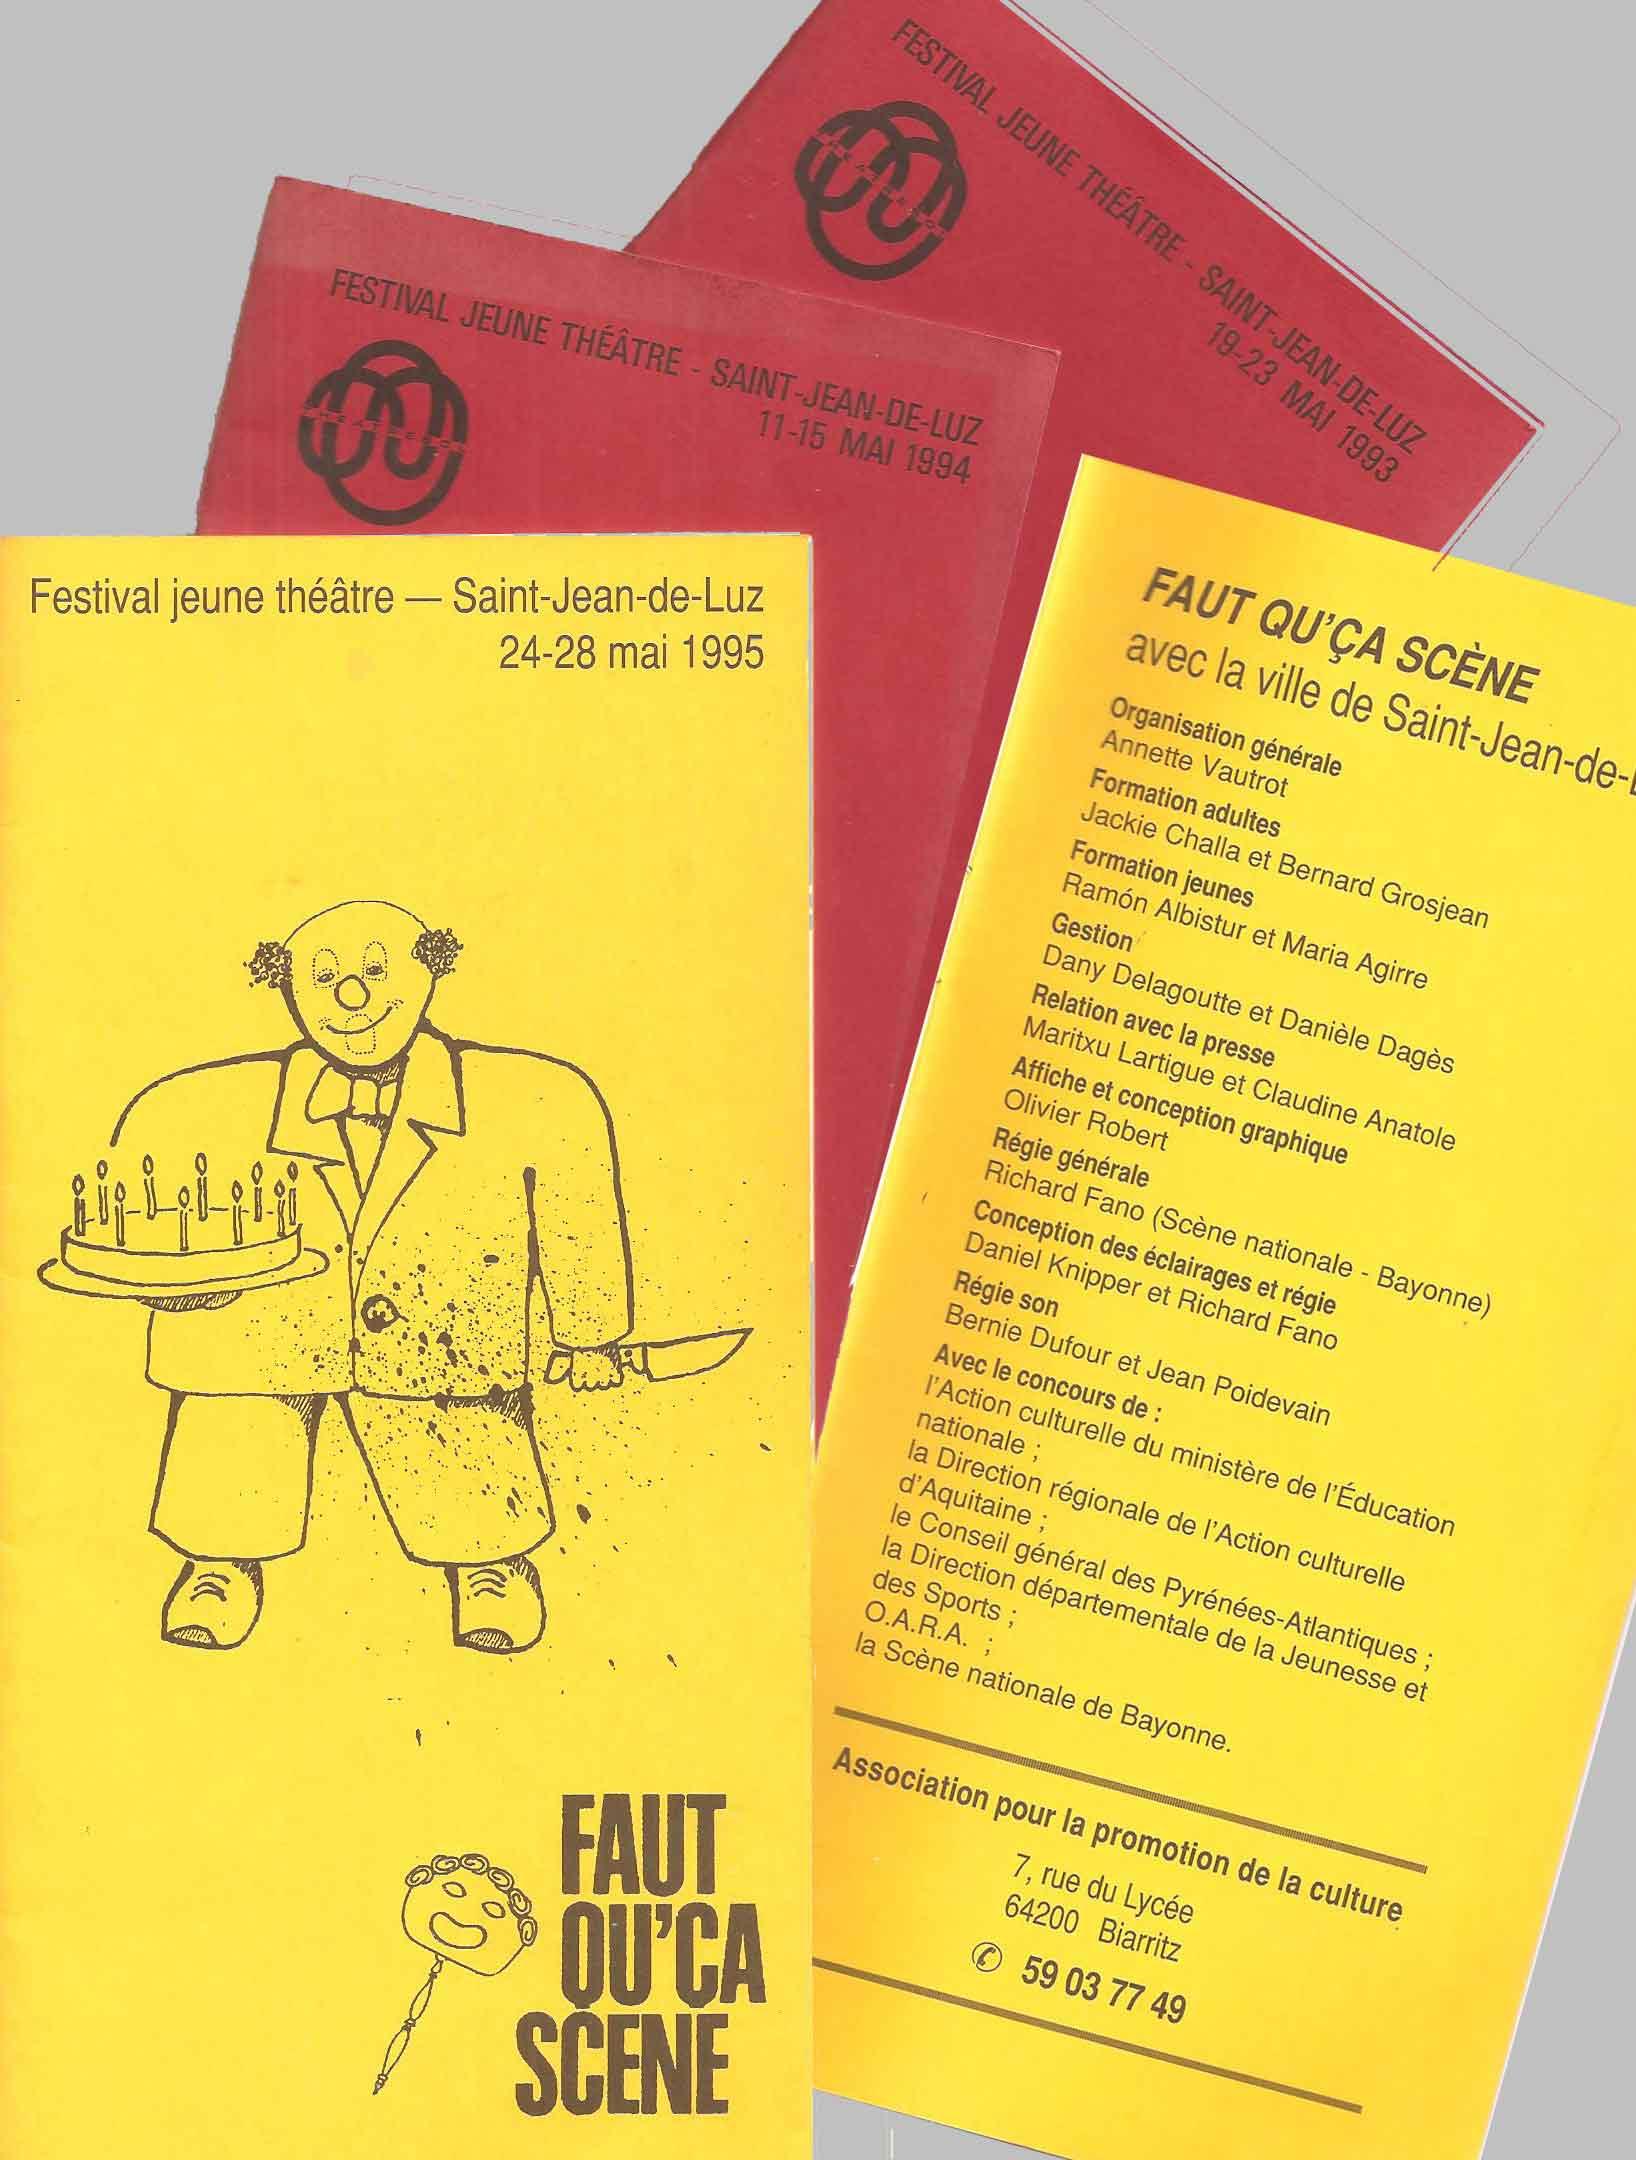 festival-Faut-qu-ca-scene